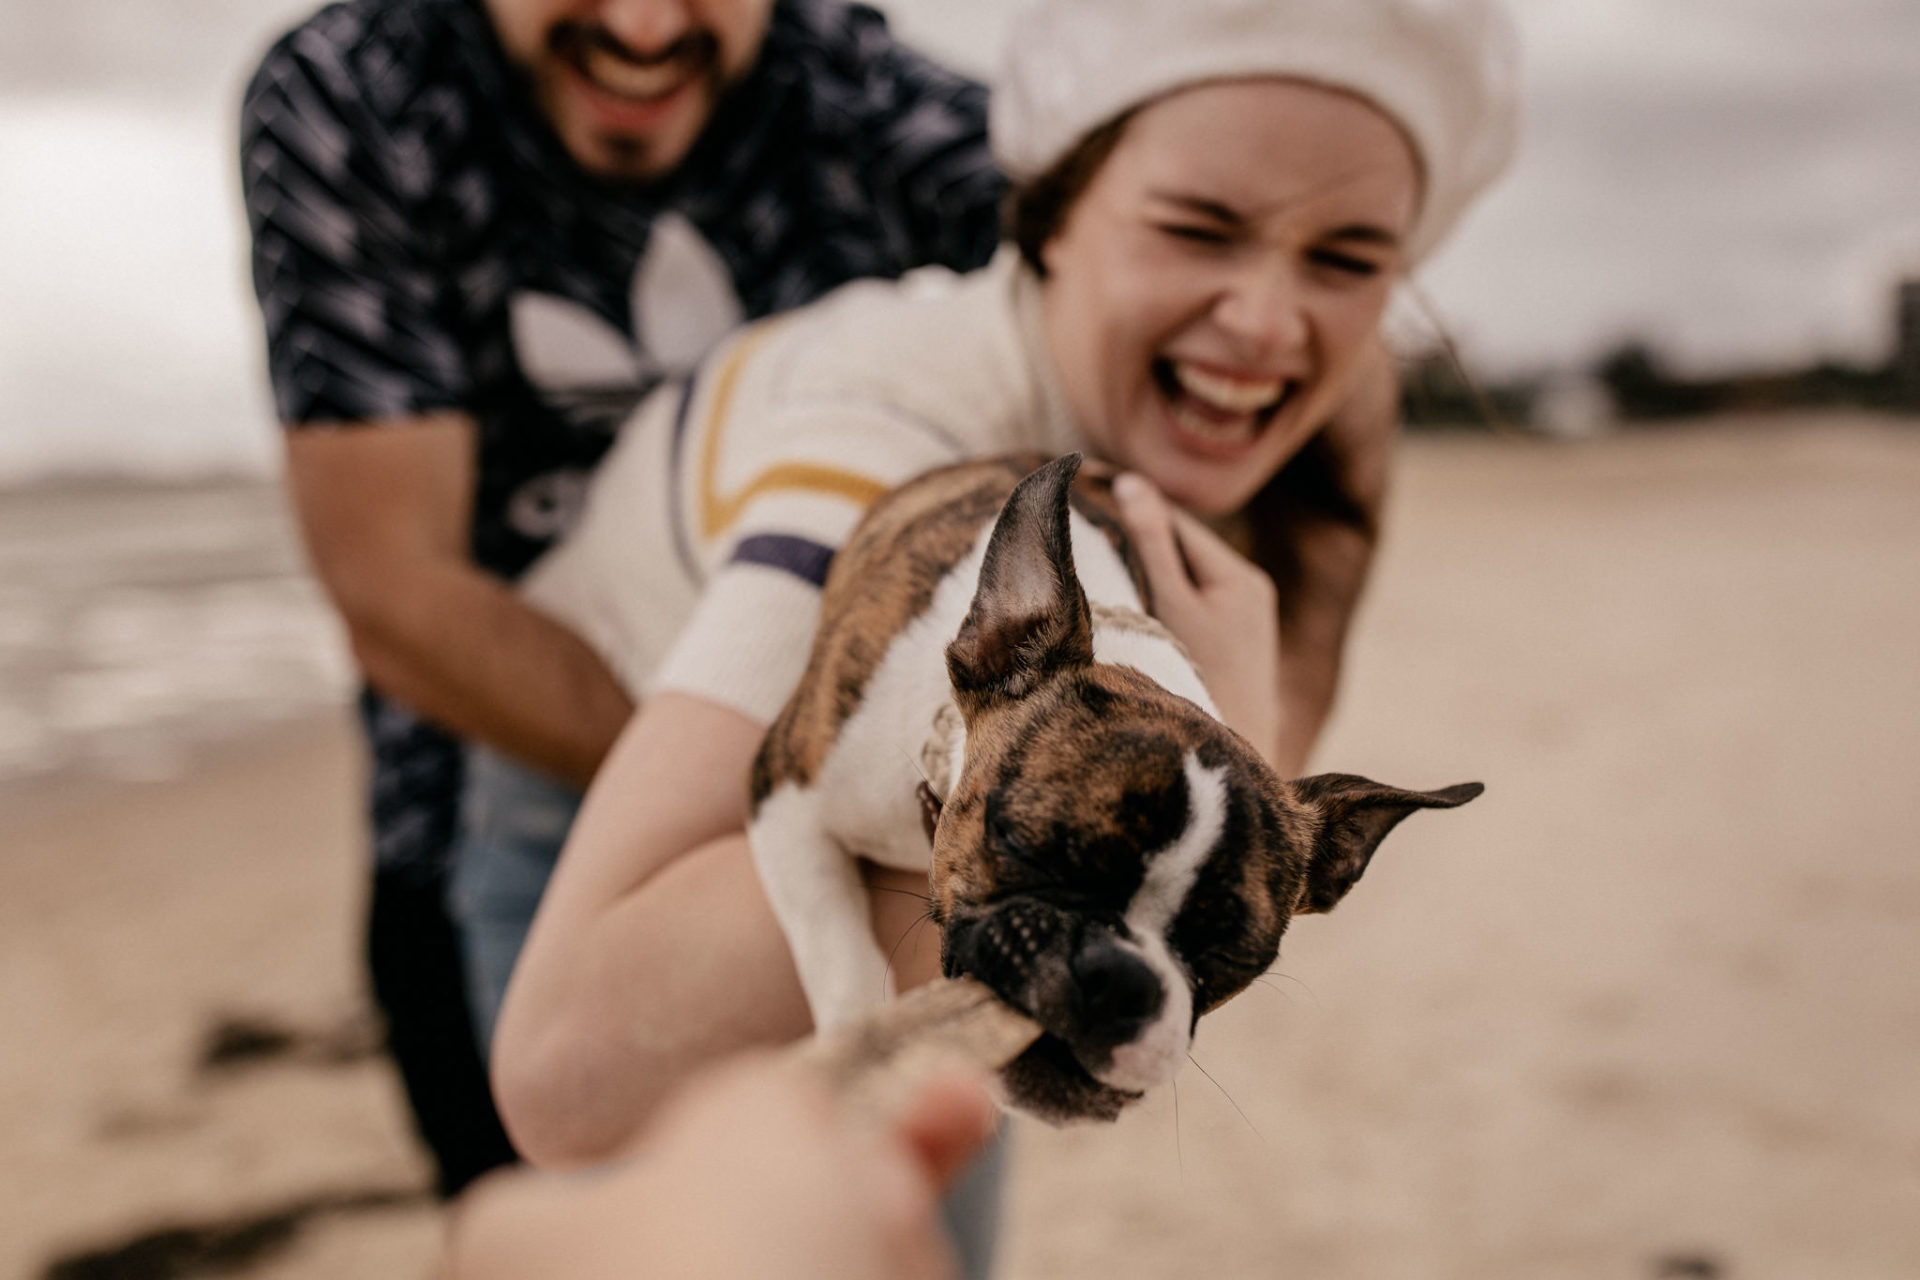 ungestellte dokumentarische kreative hochzeitsbilder-hochzeitsfotograf Australien-St Kilda Beach spaziergang-hunde in australien-boston terrier Welpe